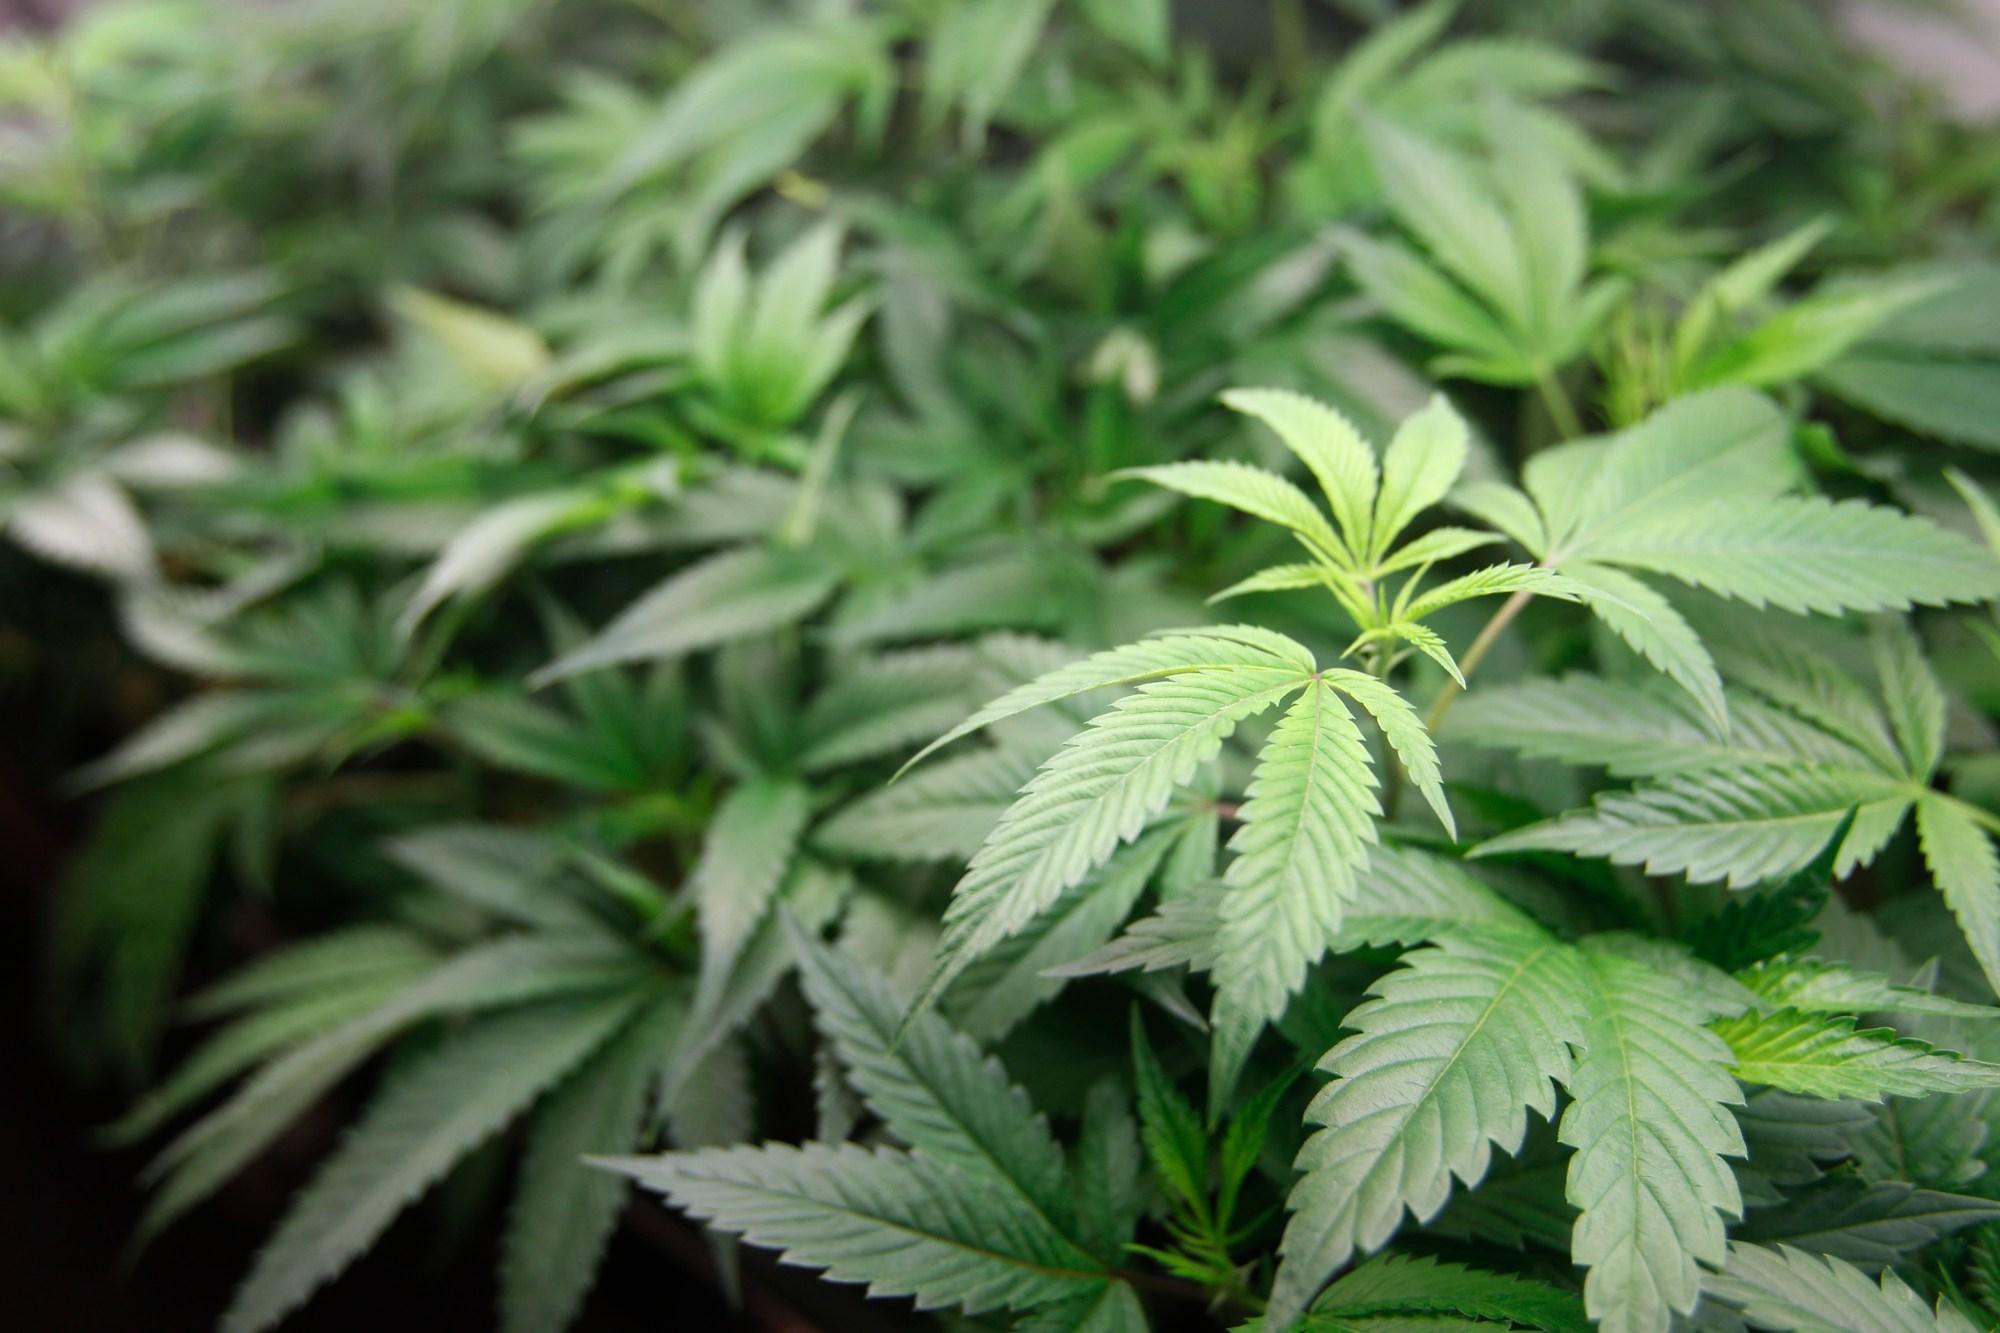 California_Marijuana_Convictions_00667-159532.jpg80492423